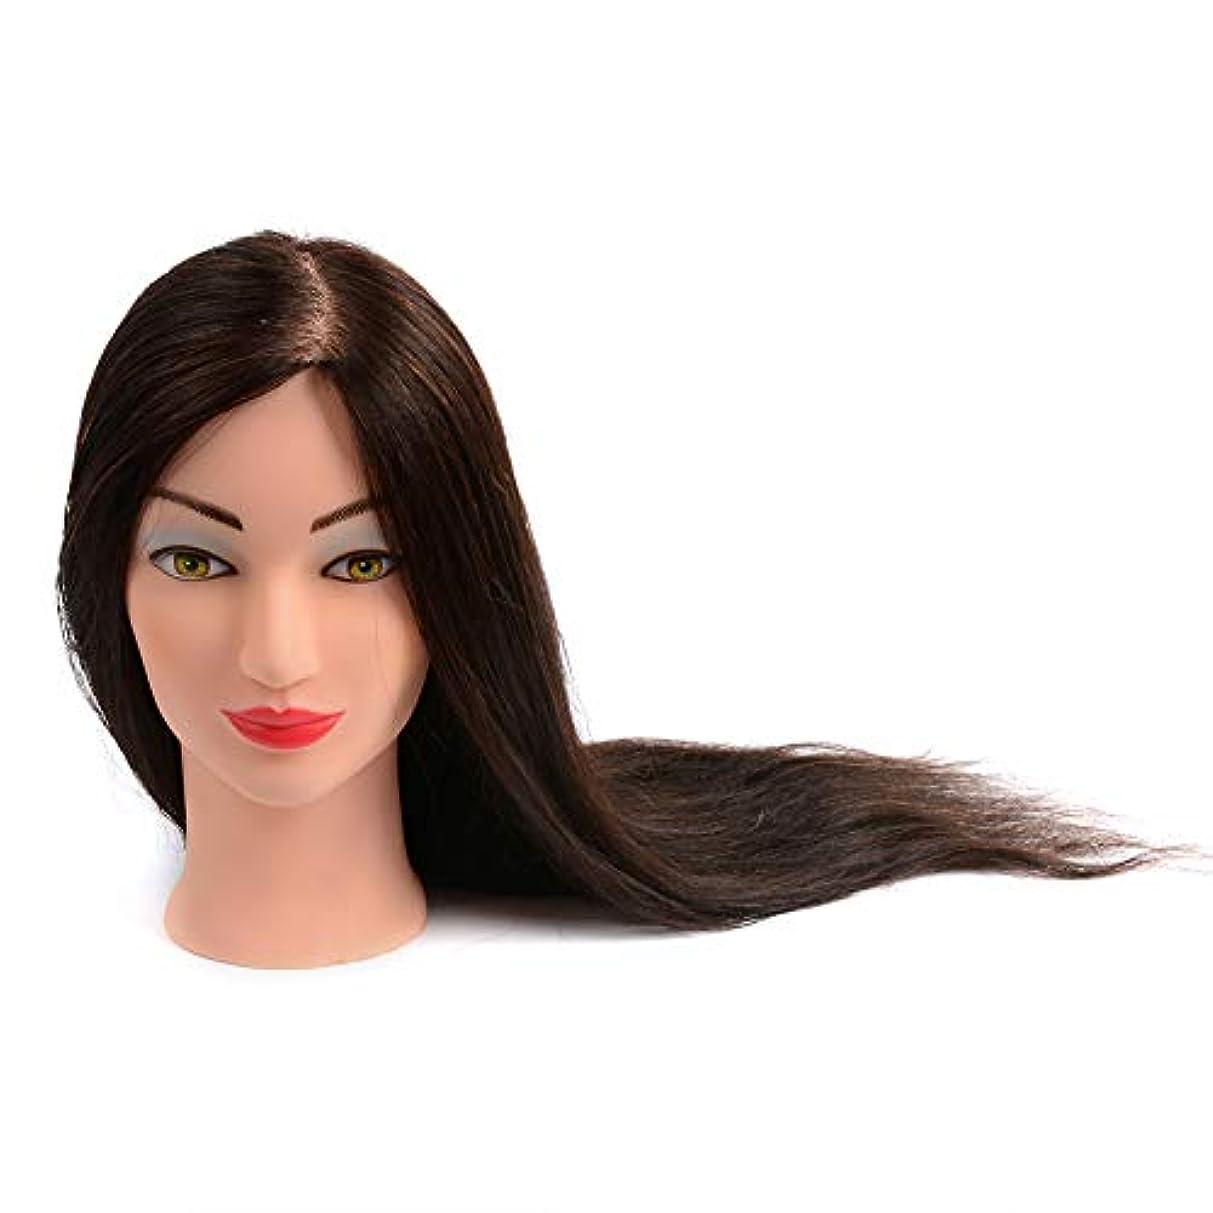 プレート安価な先サロン散髪学習ダミーヘッドブライダルメイクスタイリングプラクティスモデルの髪を染めることができ、漂白ティーチングヘッド